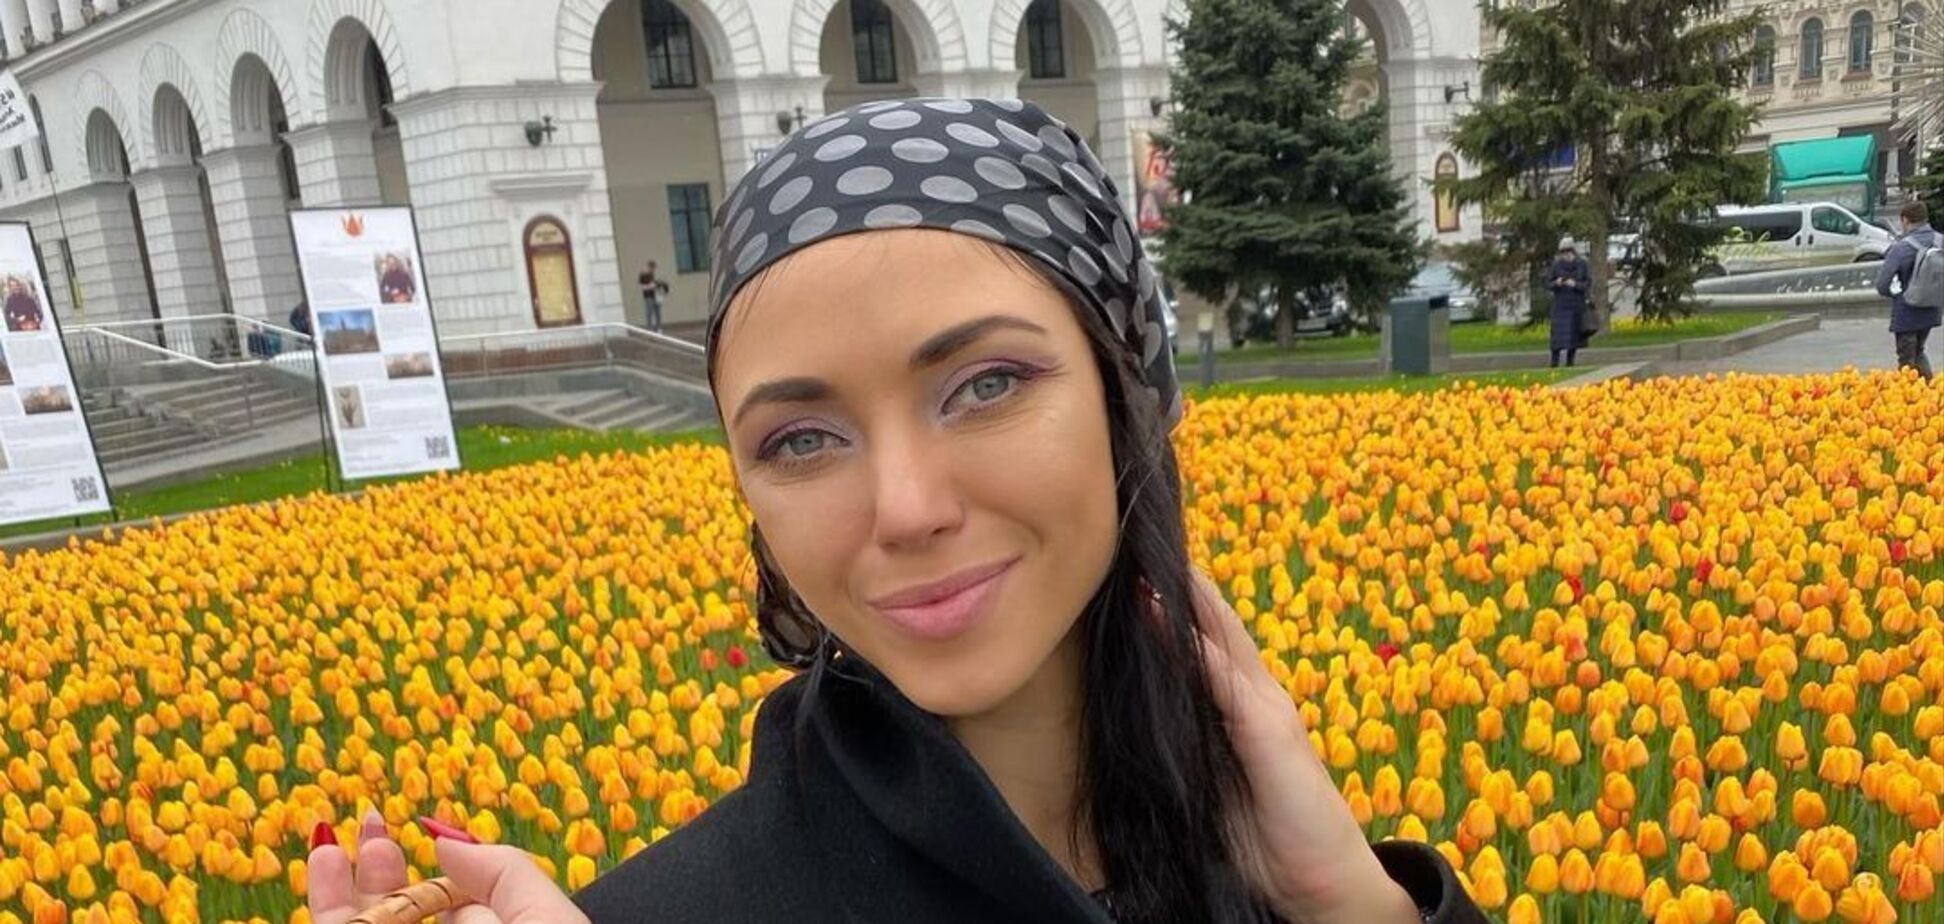 Віка з «НеАнгелів» оголосила про початок сольної кар'єри